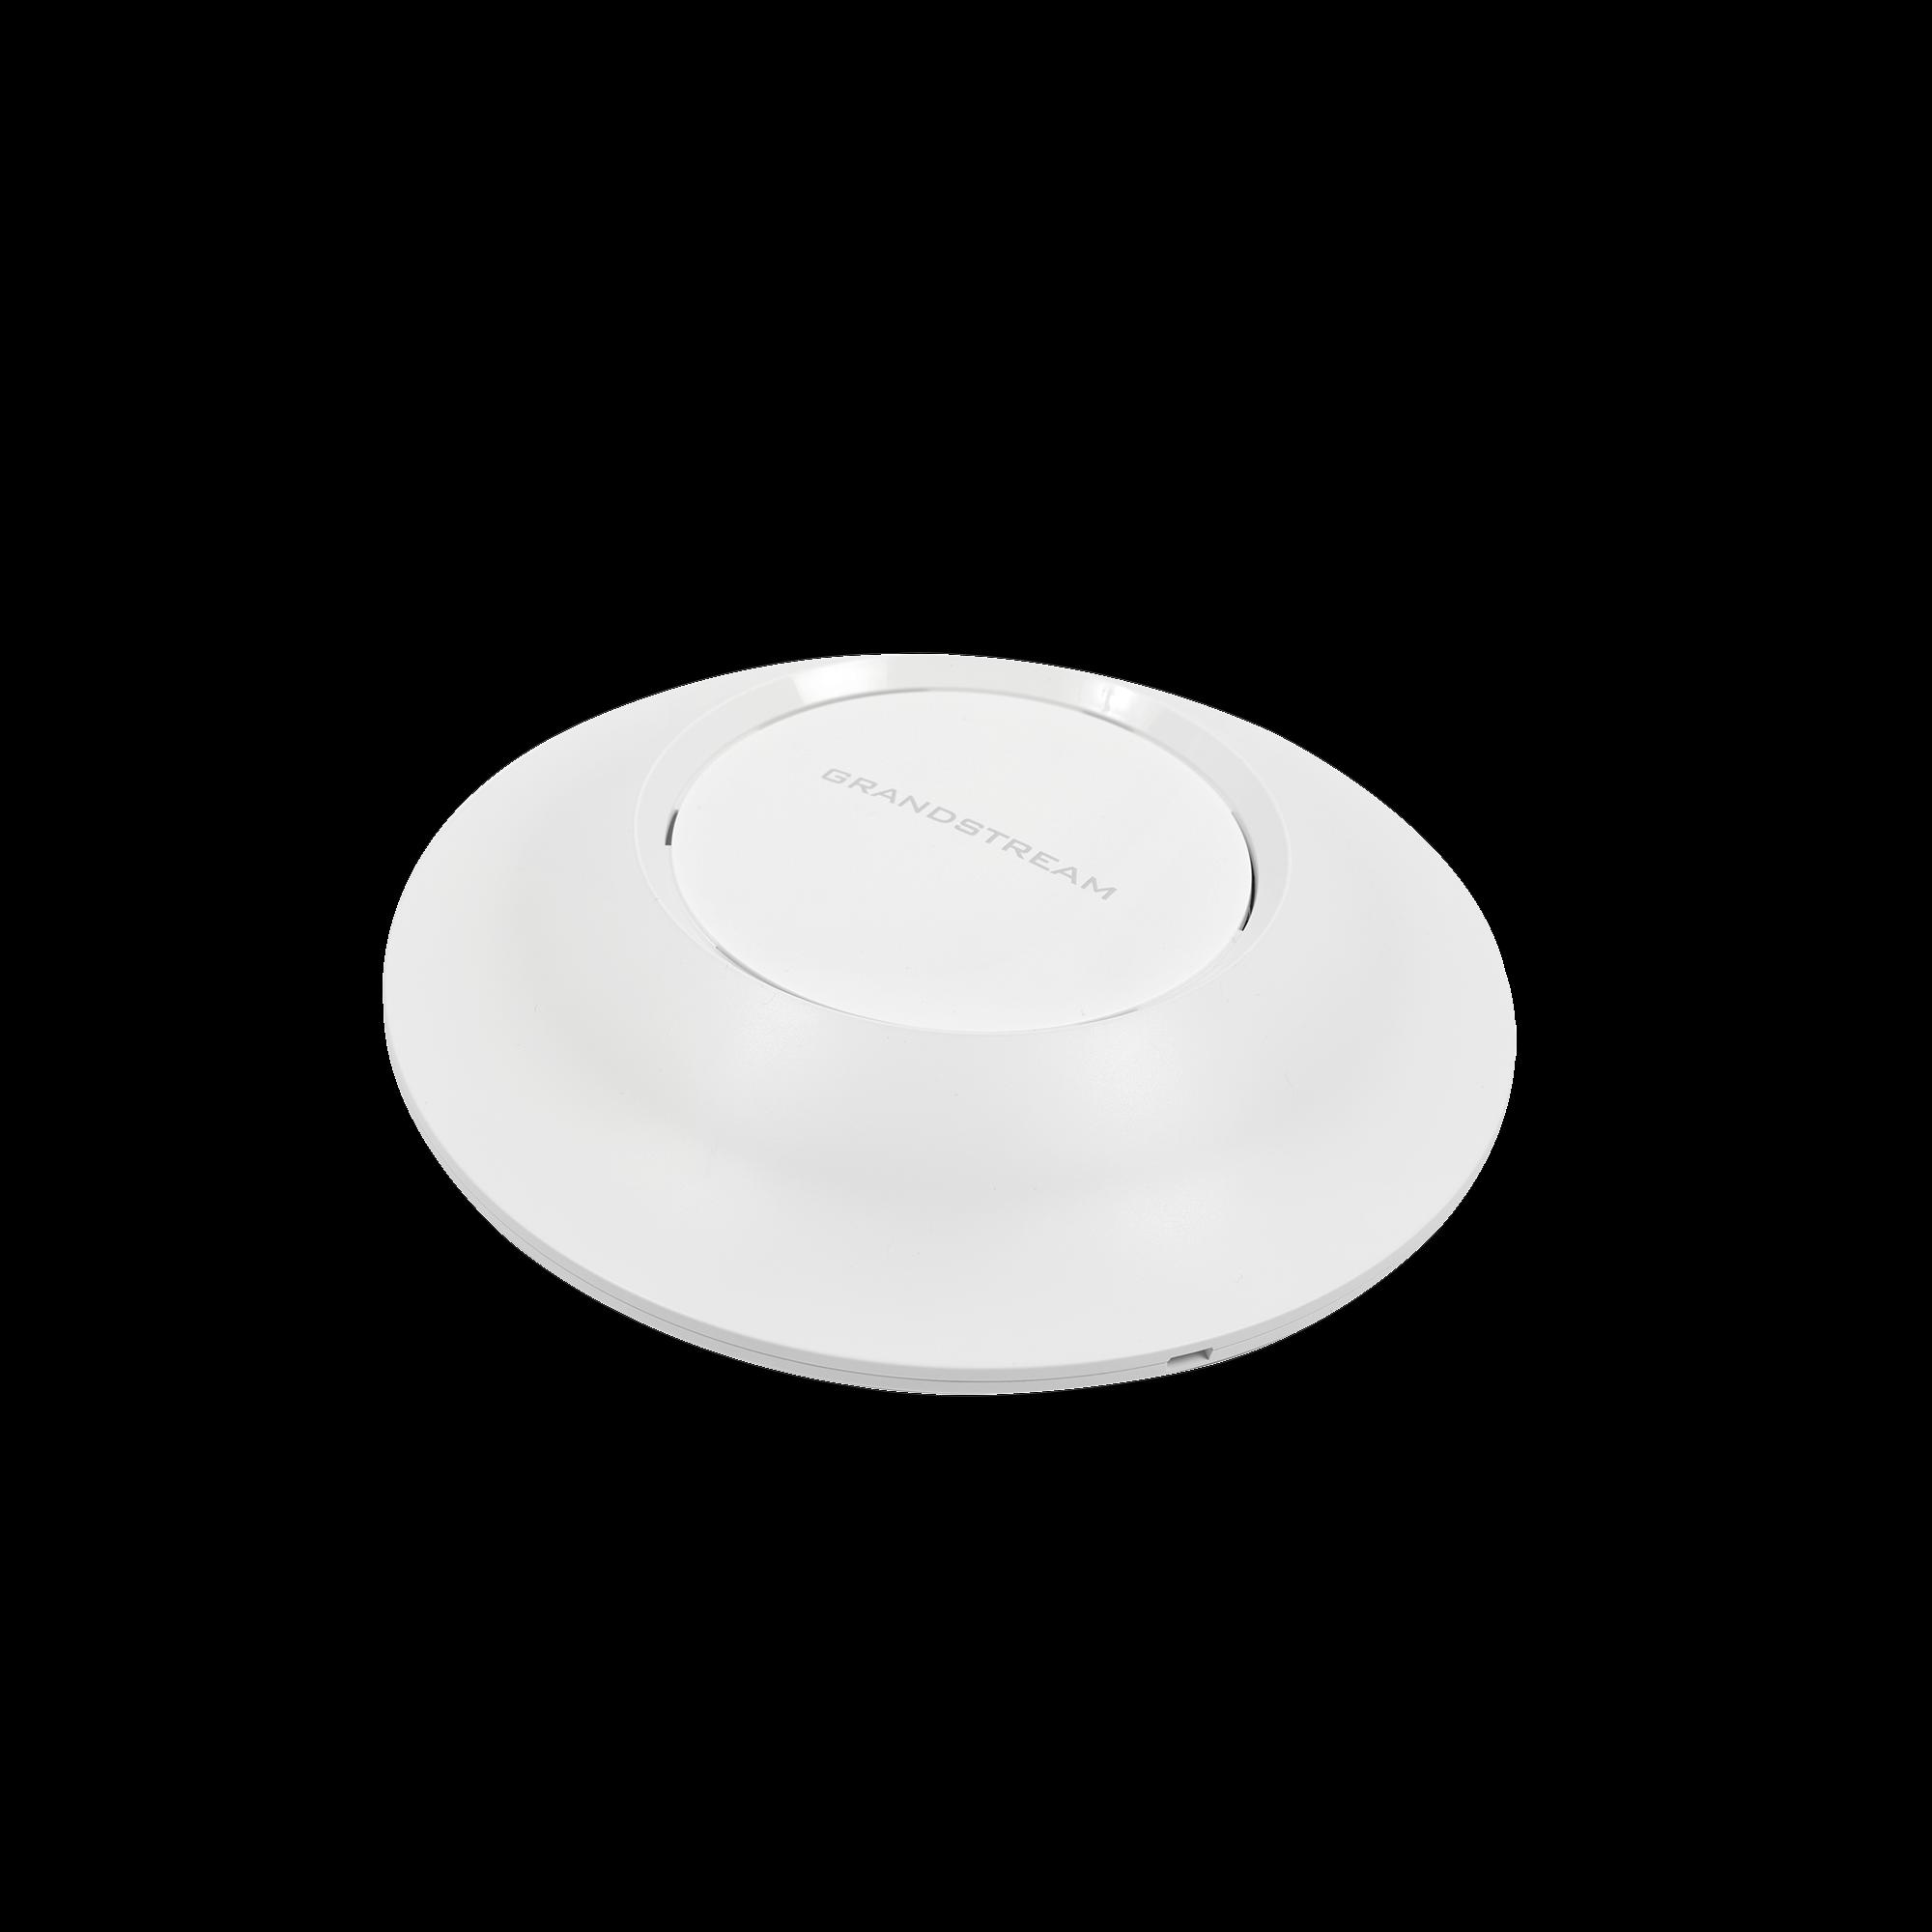 Punto de Acceso Doble Banda MIMO 3X3:3 de Super Alta Capacidad 1.75 Gbps hasta 250 Dispositivos y amplia cobertura (175 metros)